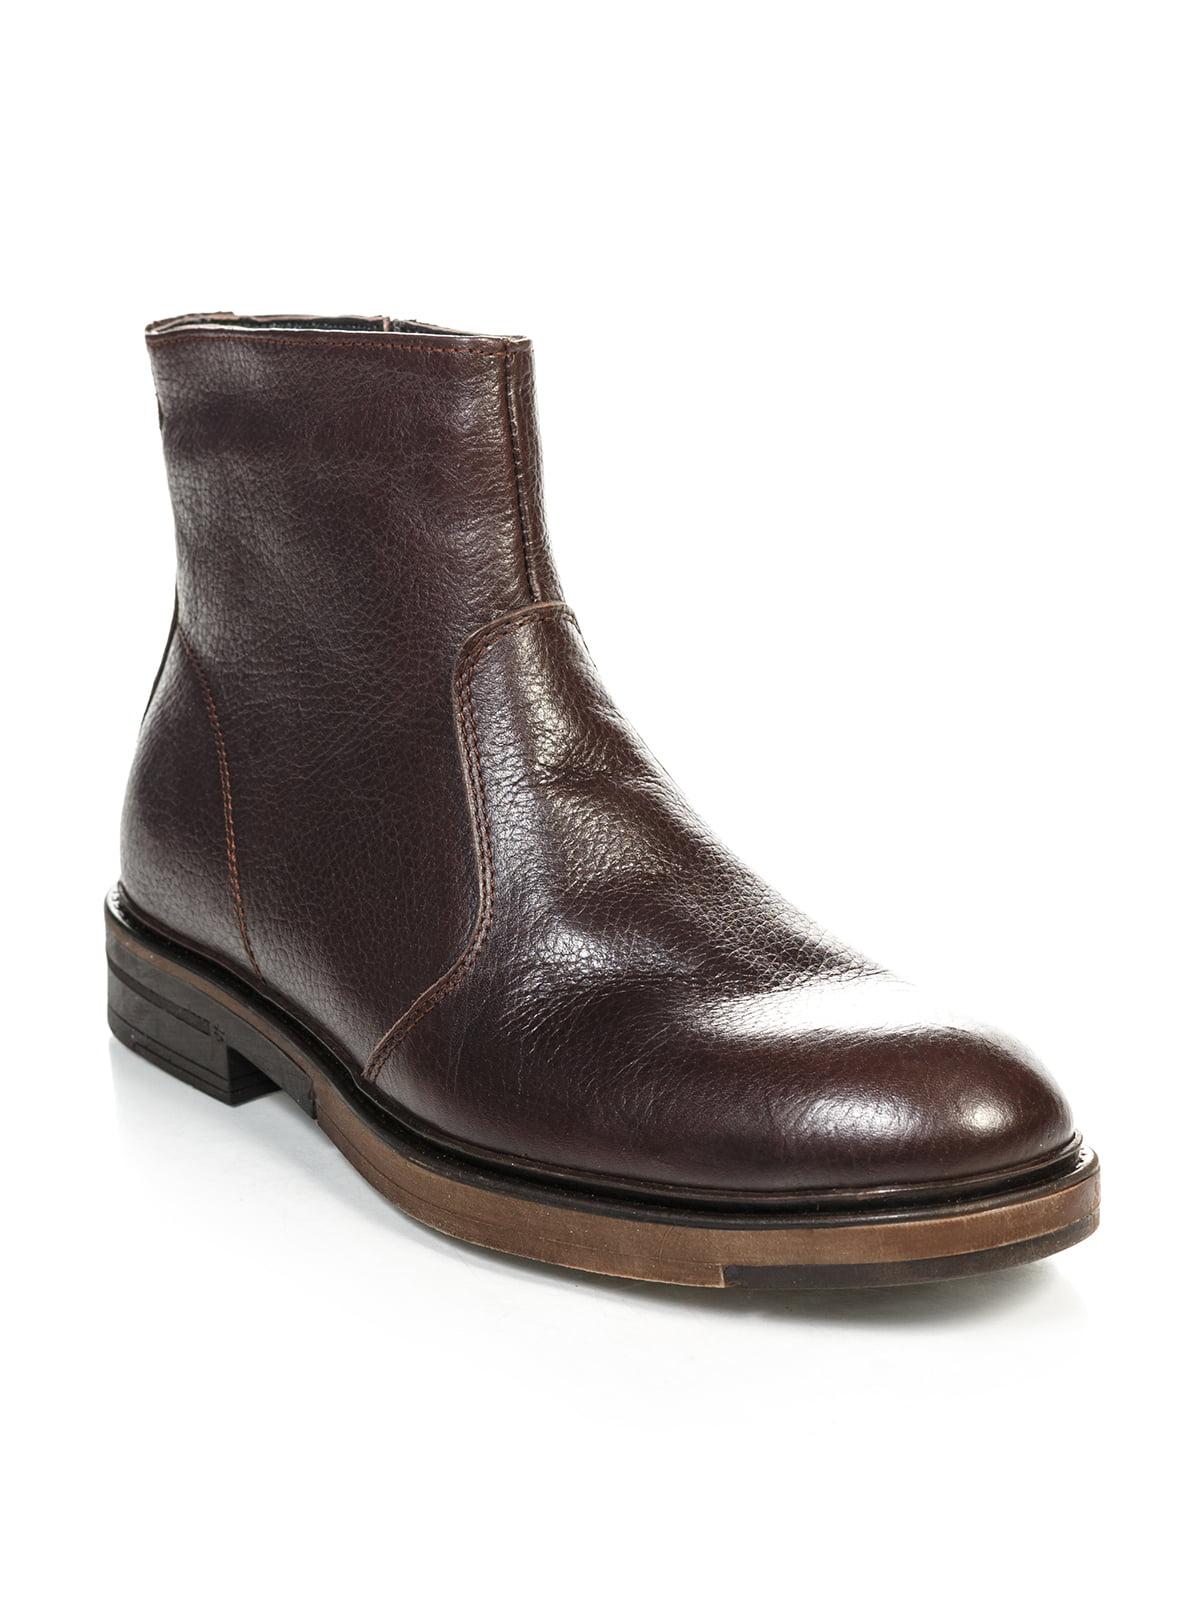 Ботинки коричневые | 4809486 | фото 2